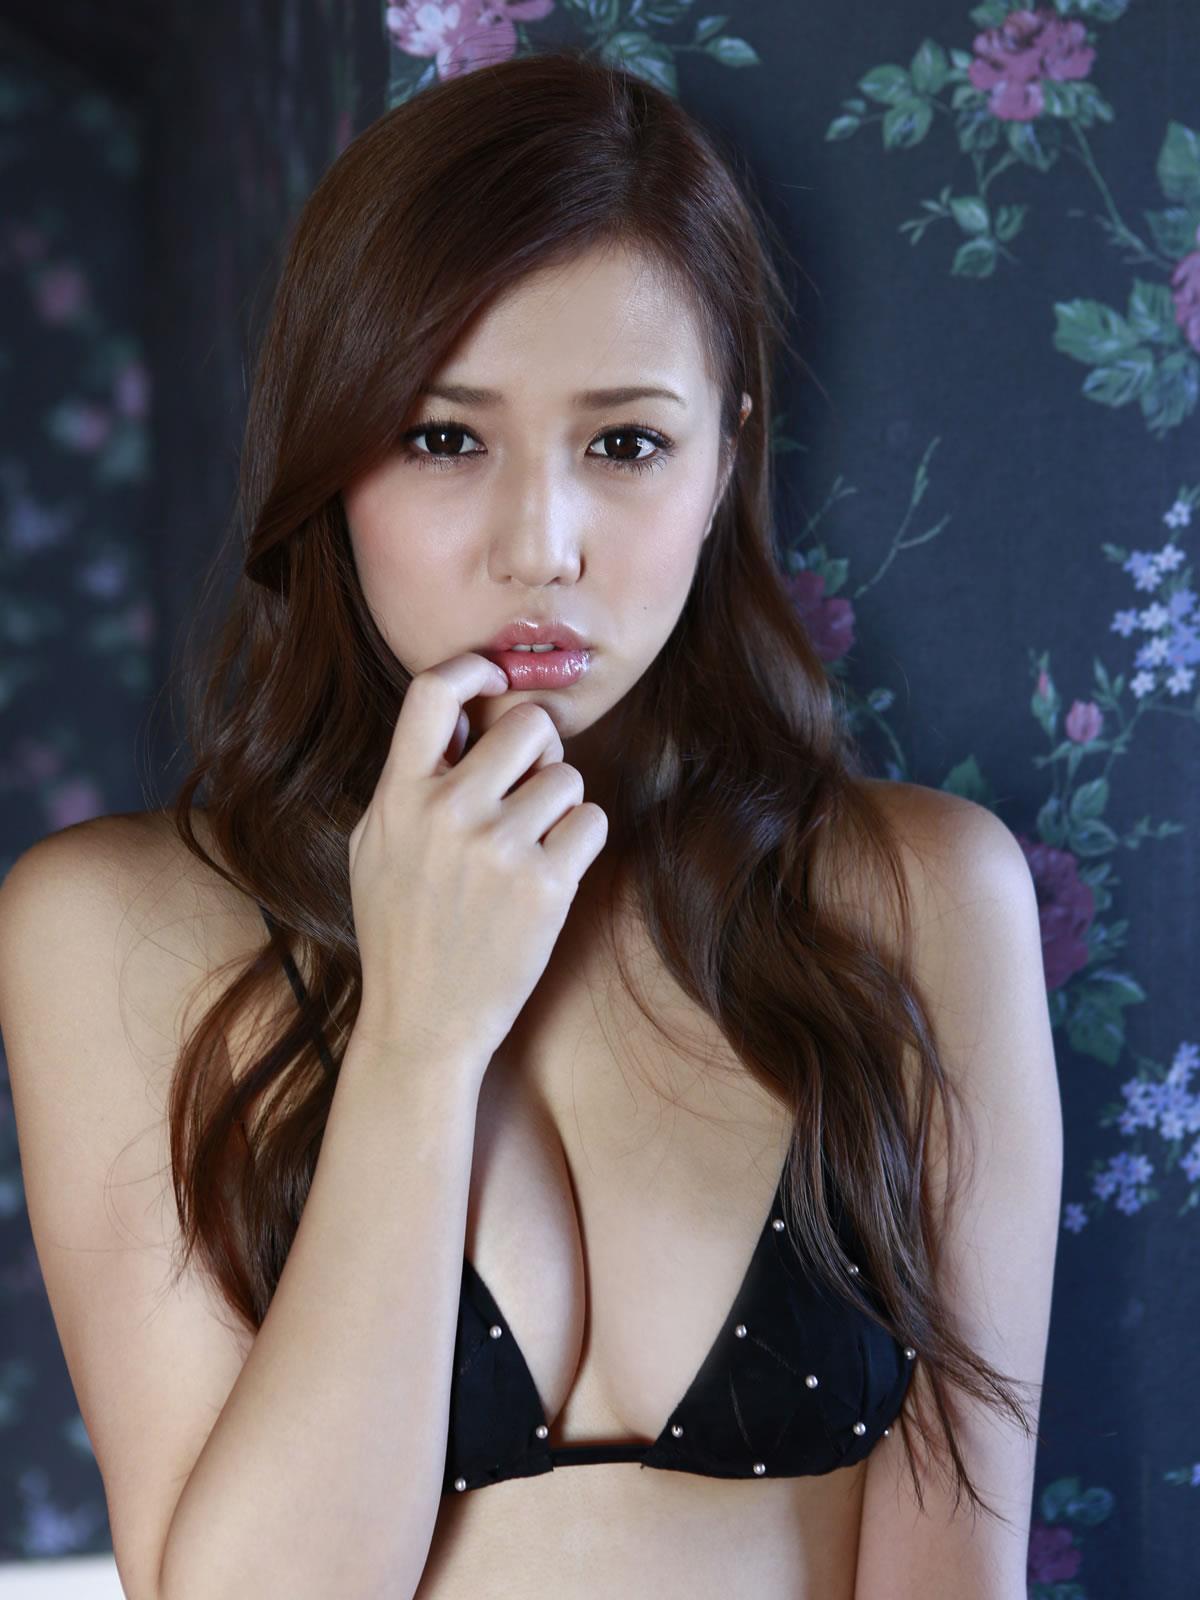 丸高愛実 セクシー画像 62